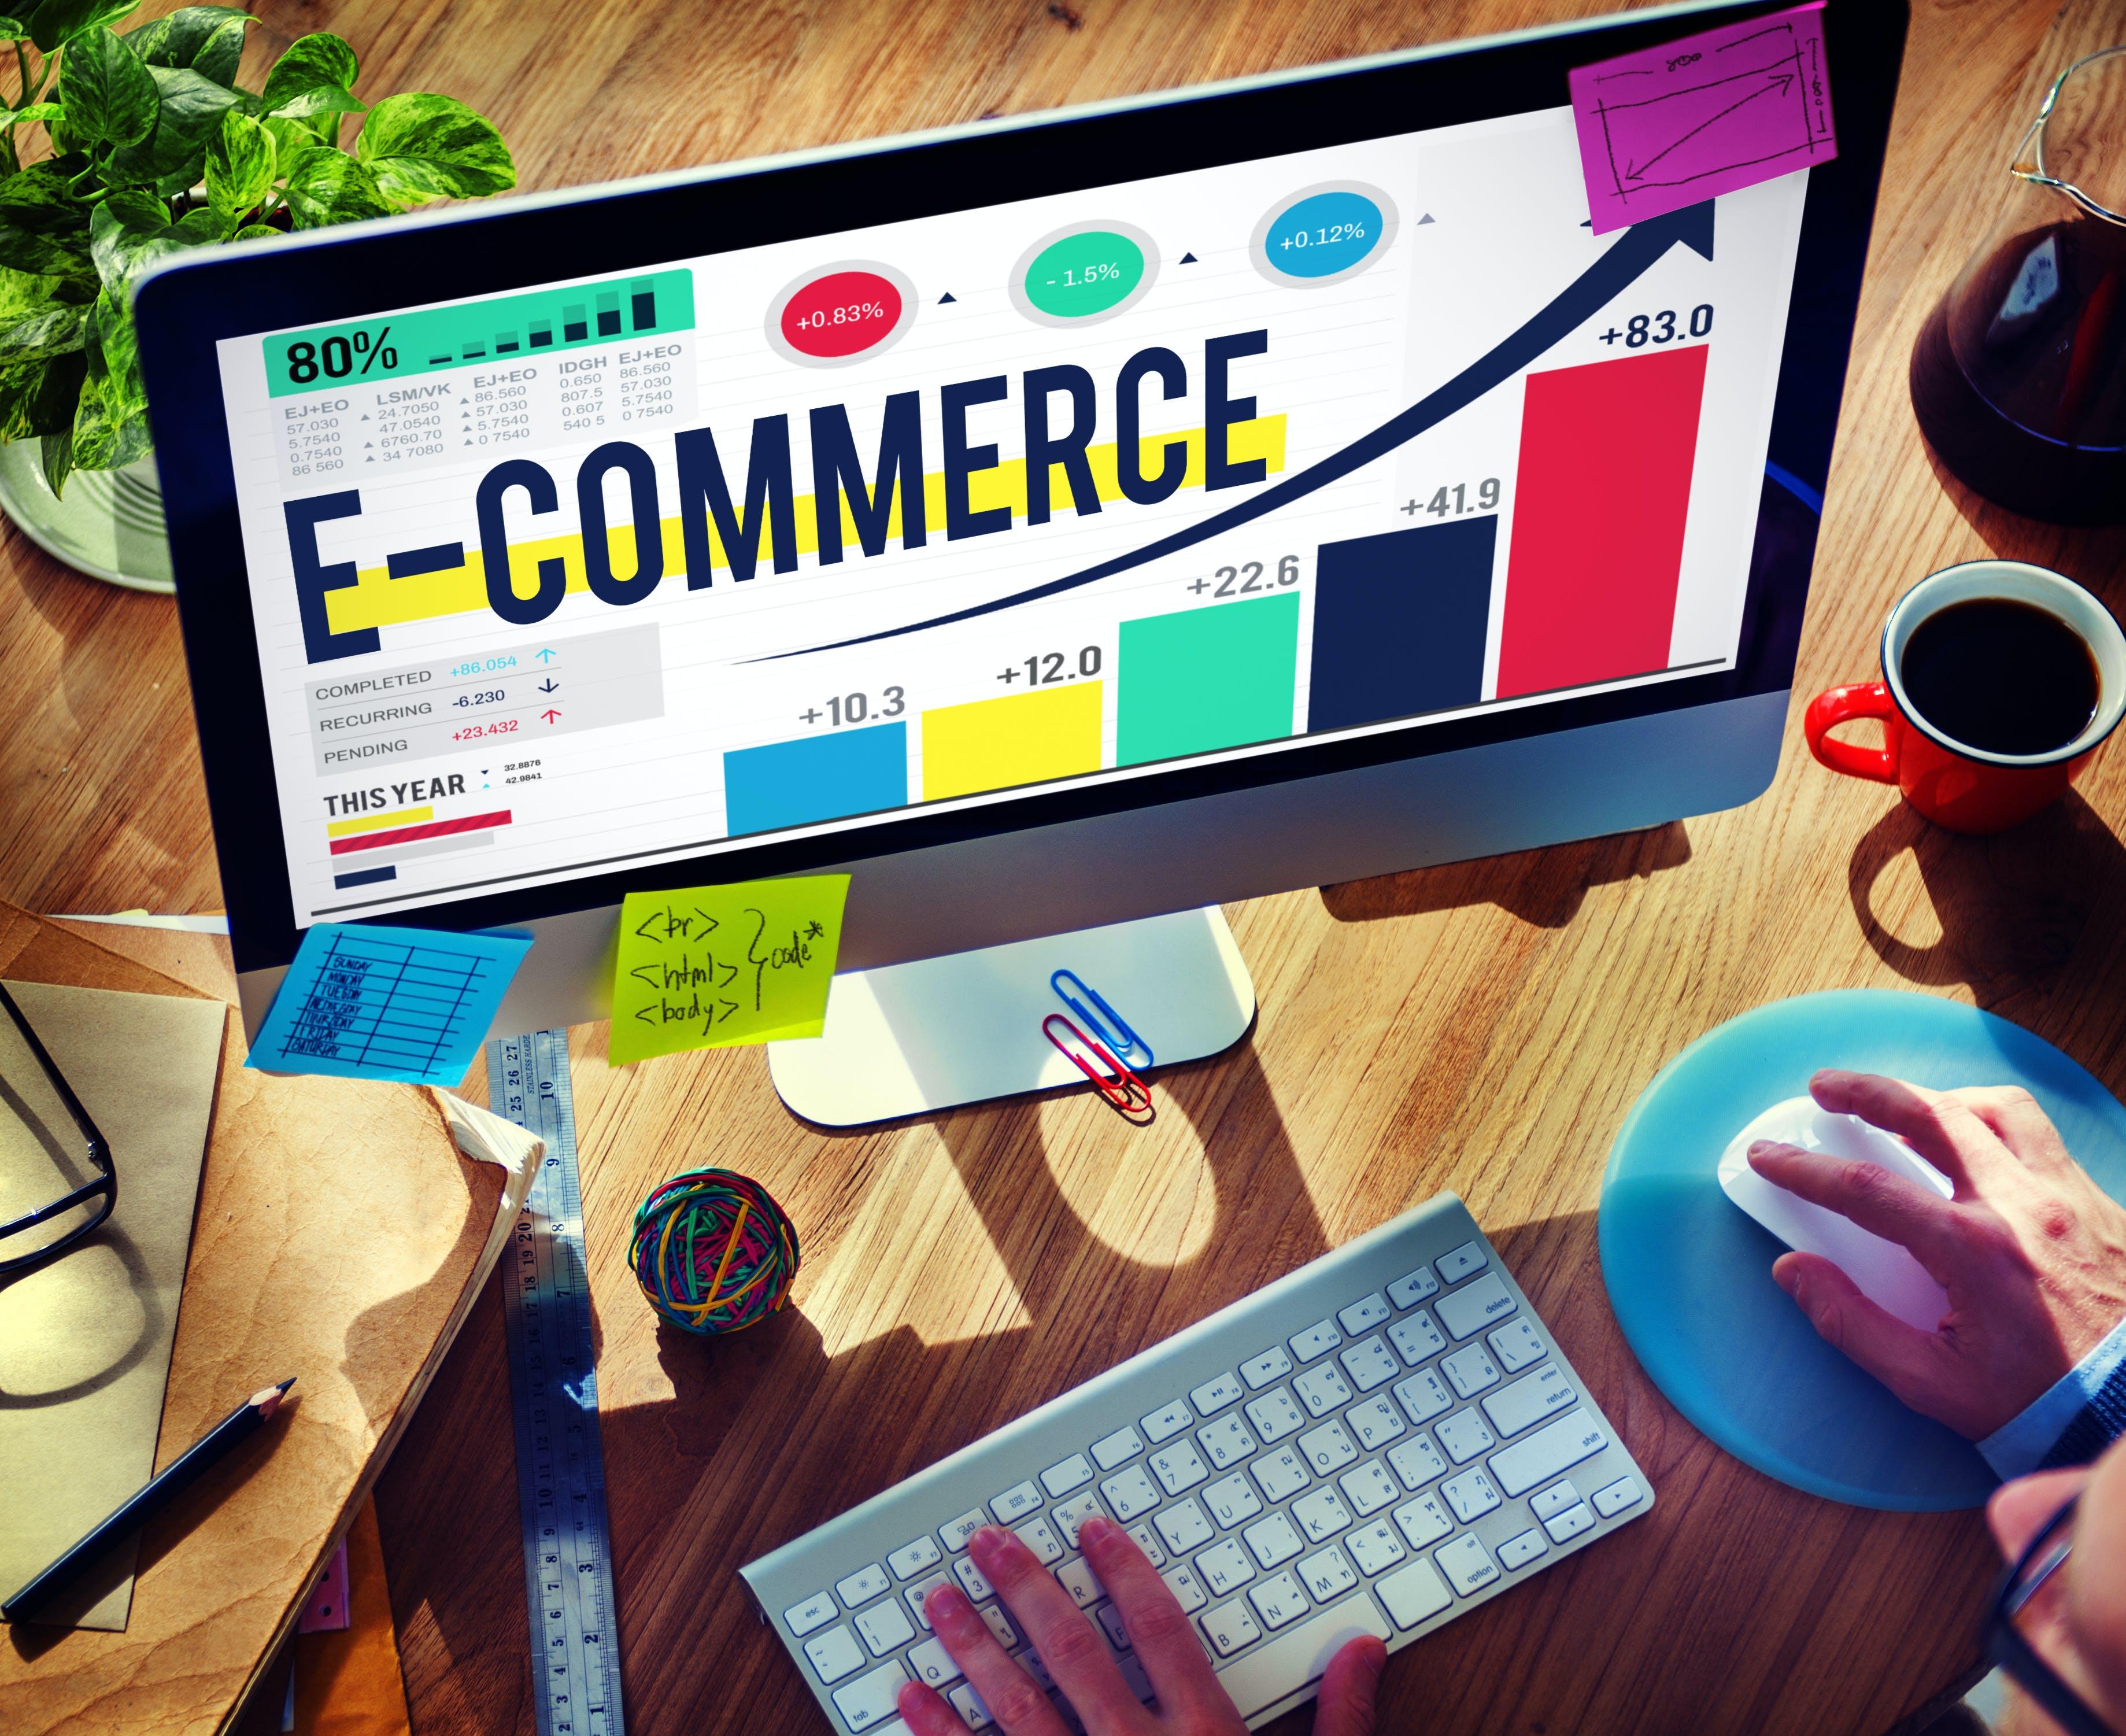 Warum die E-Commerce-Werbung noch ganz am Anfang steht